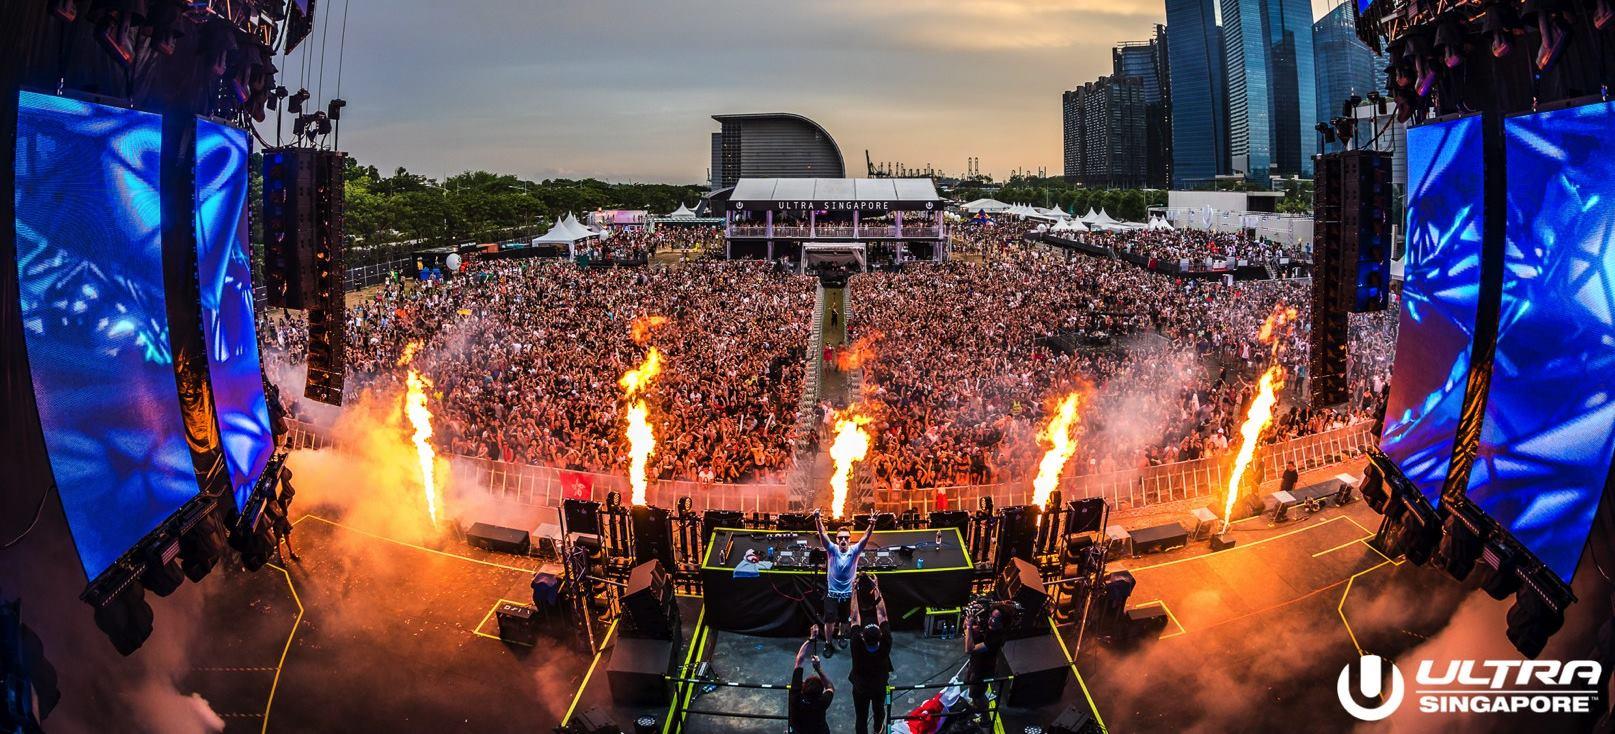 FOTO: ULTRA Worldwide završila svjetsku turneju 2017